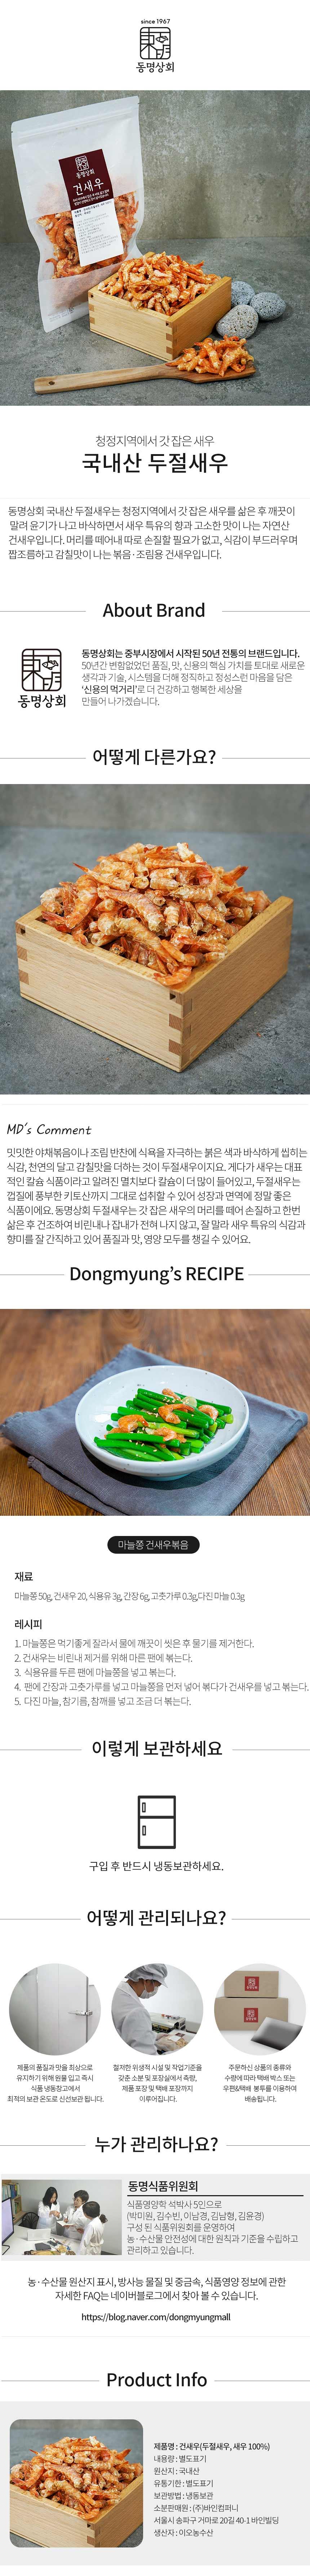 한국산 두절건새우 150g